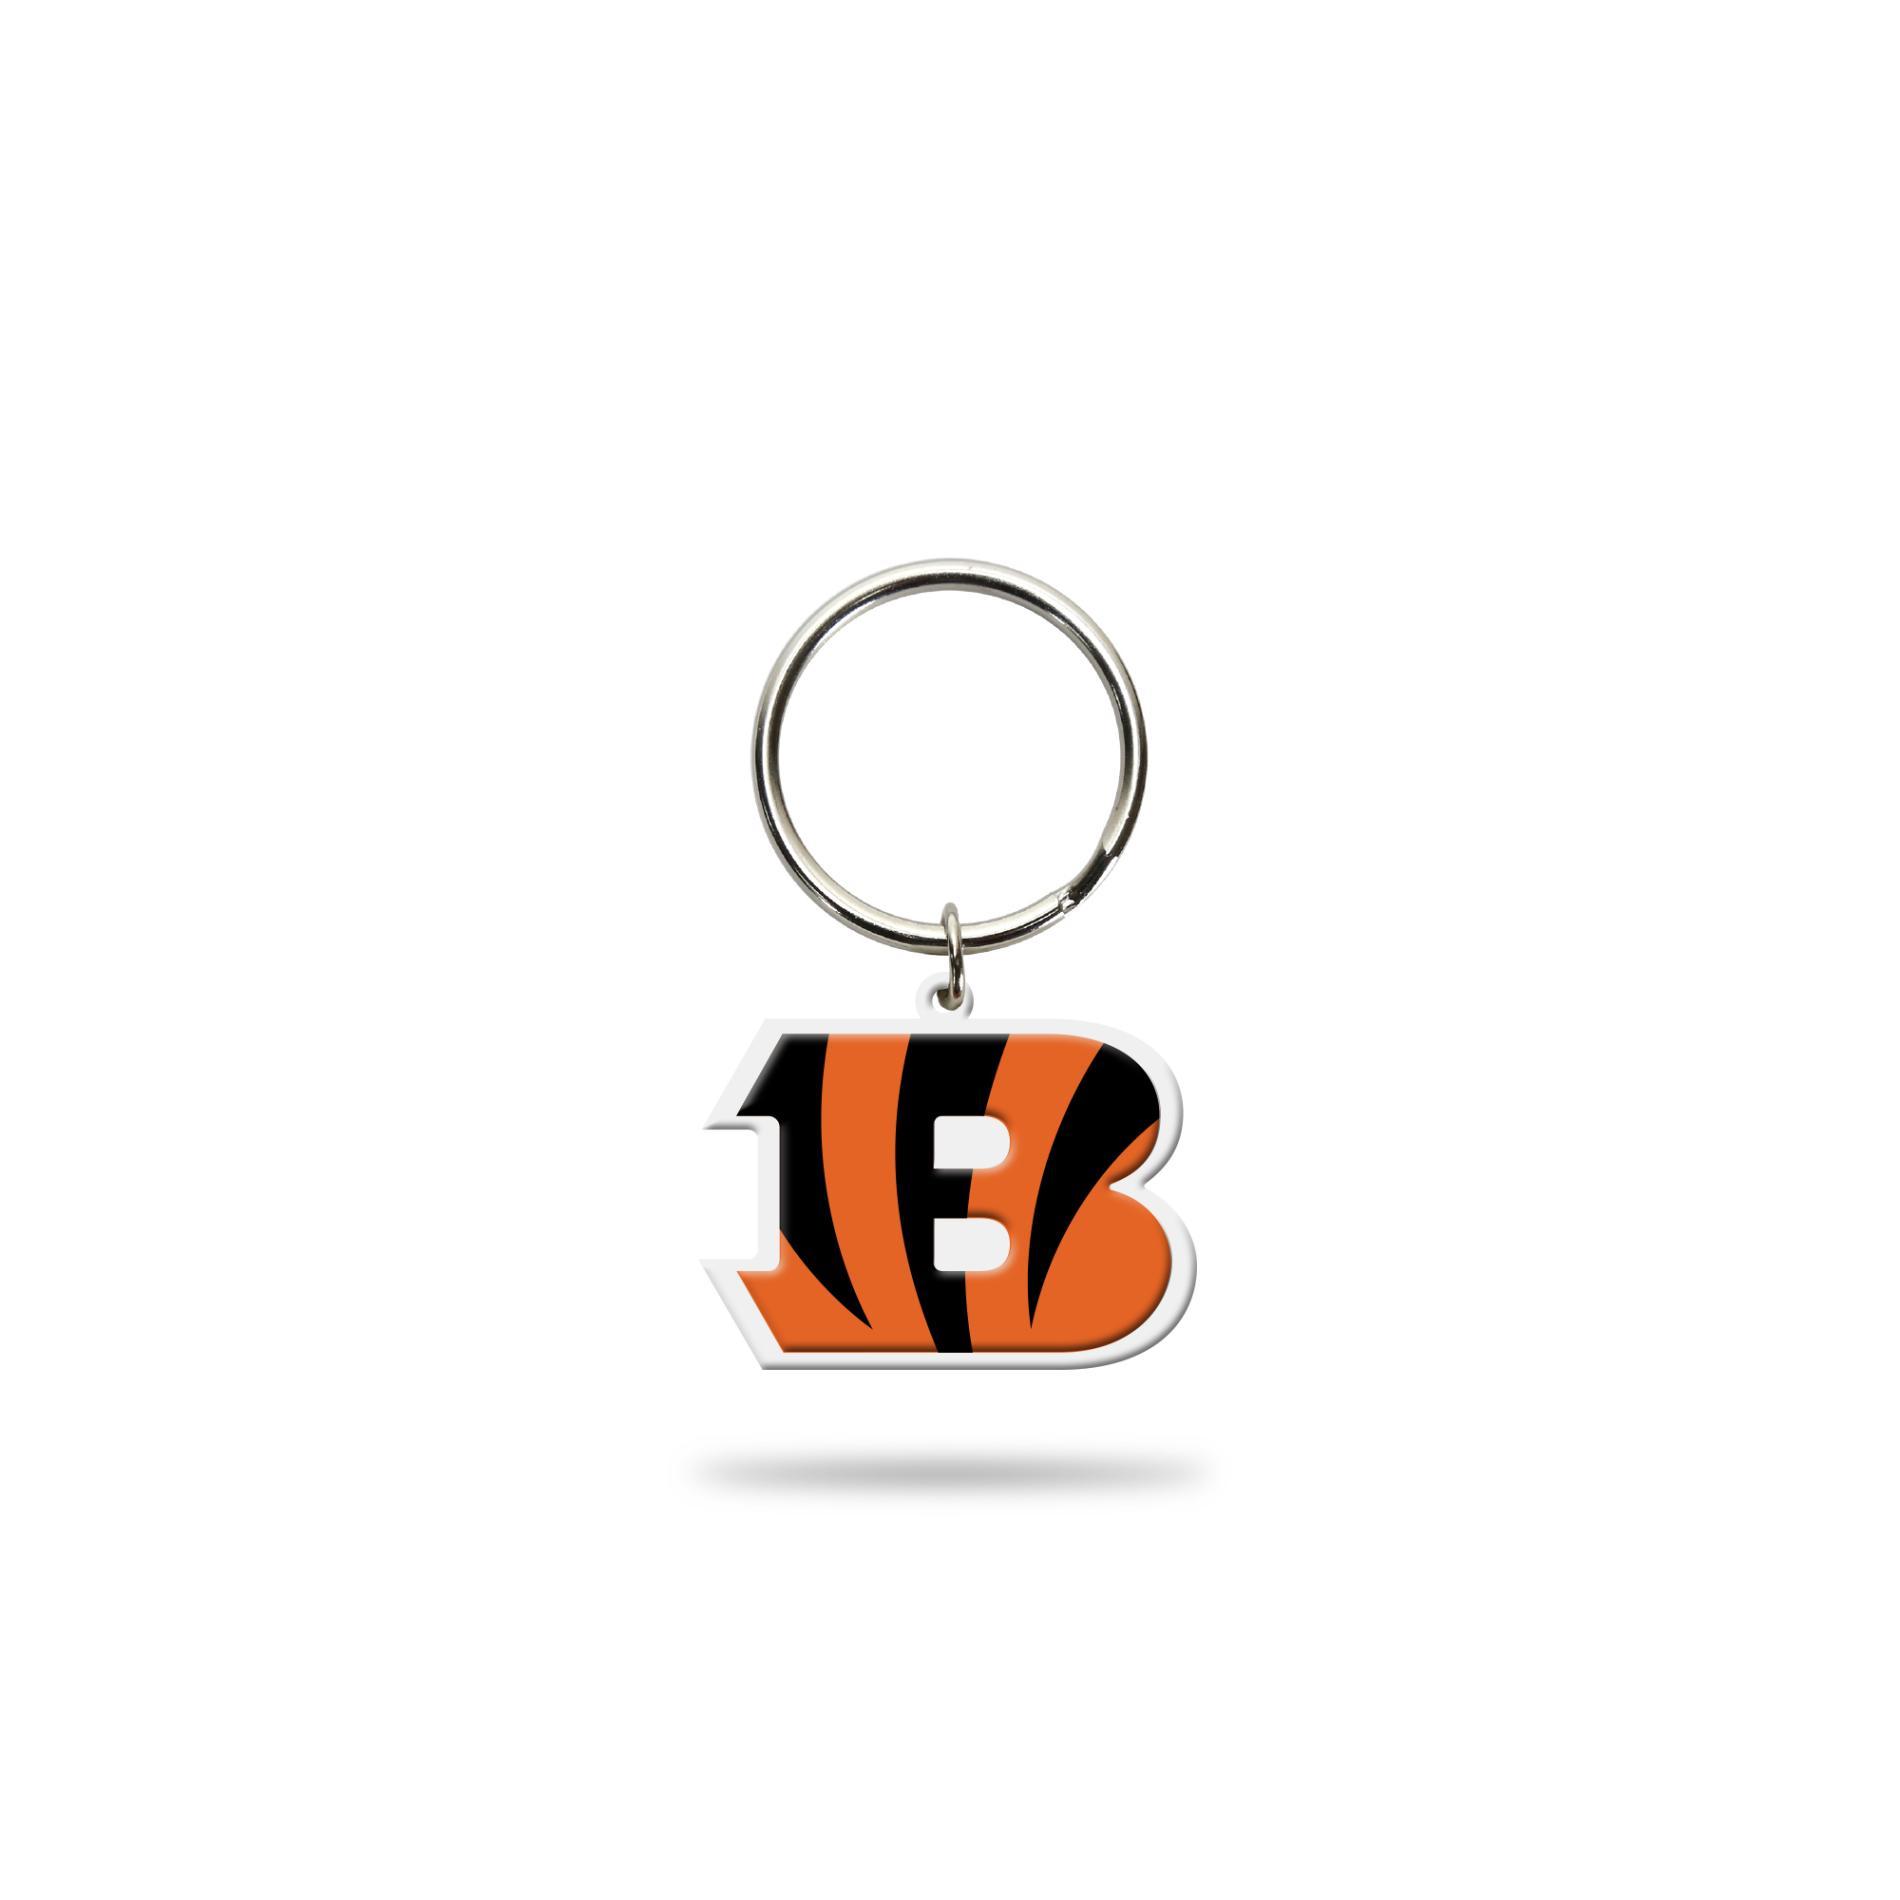 NFL Key Chain - Cincinnati Bengals PartNumber: 046W003522027001P KsnValue: 3522027 MfgPartNumber: FLXK3201